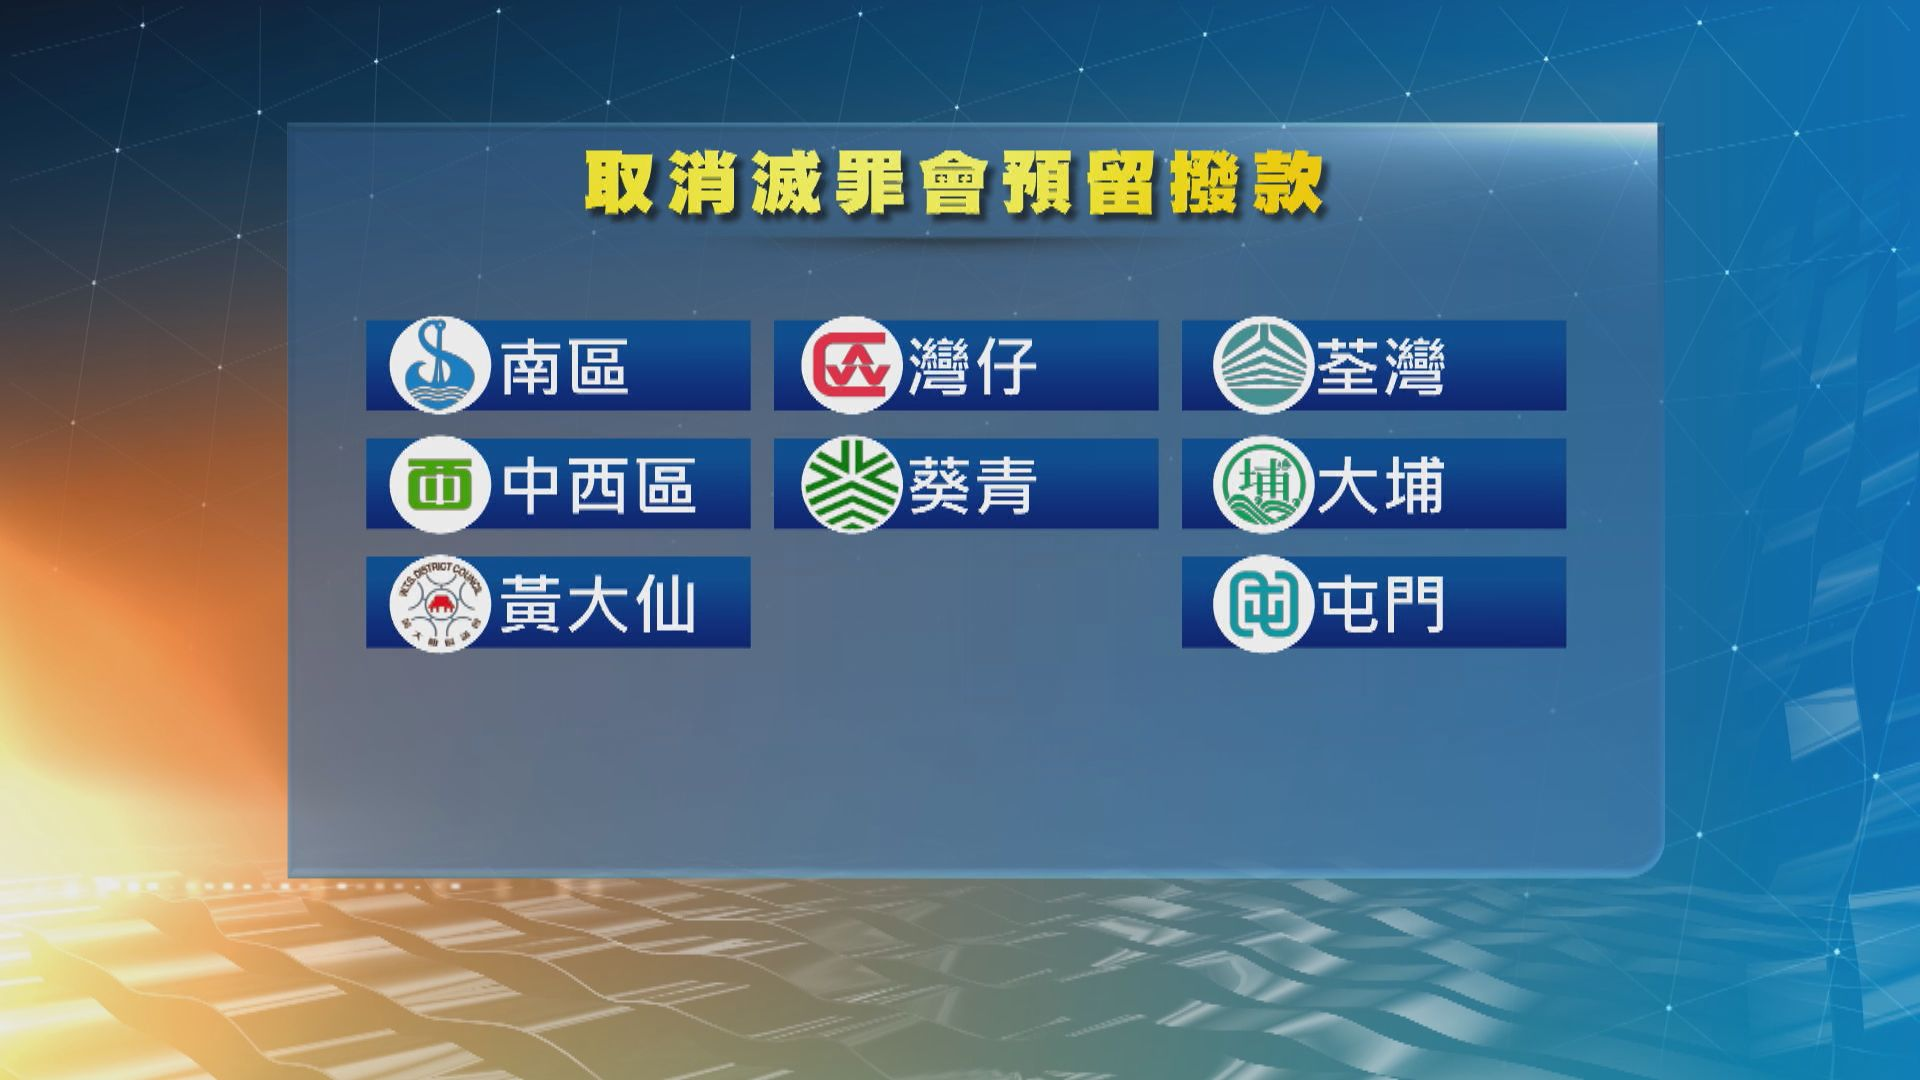 8區議會拒撥款滅罪委員會 大埔︰不滿政府削區會撥款